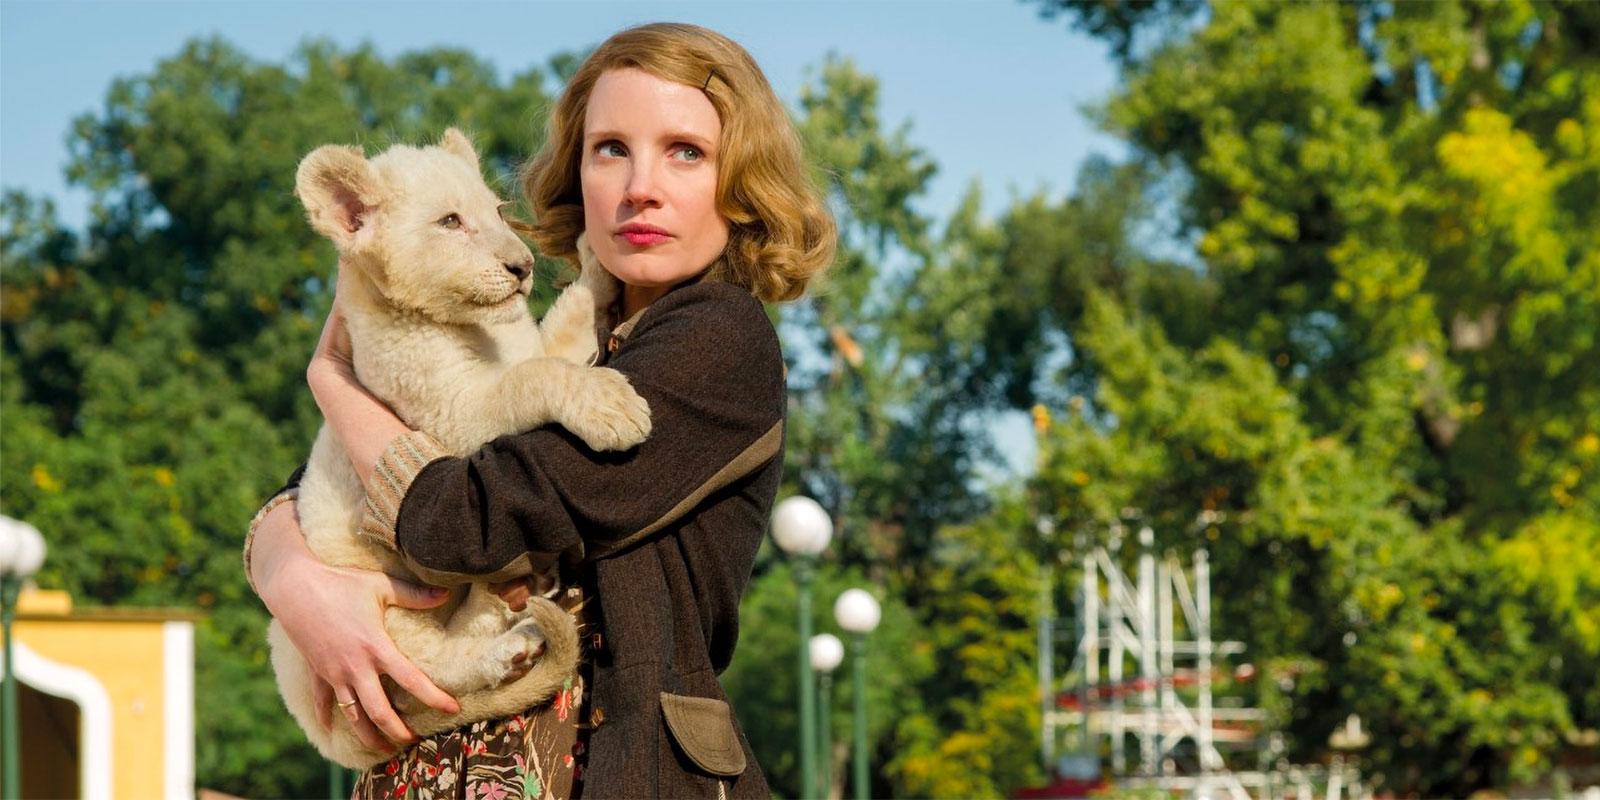 La femme du gardien de zoo, l'histoire vraie de Jan Zabinski